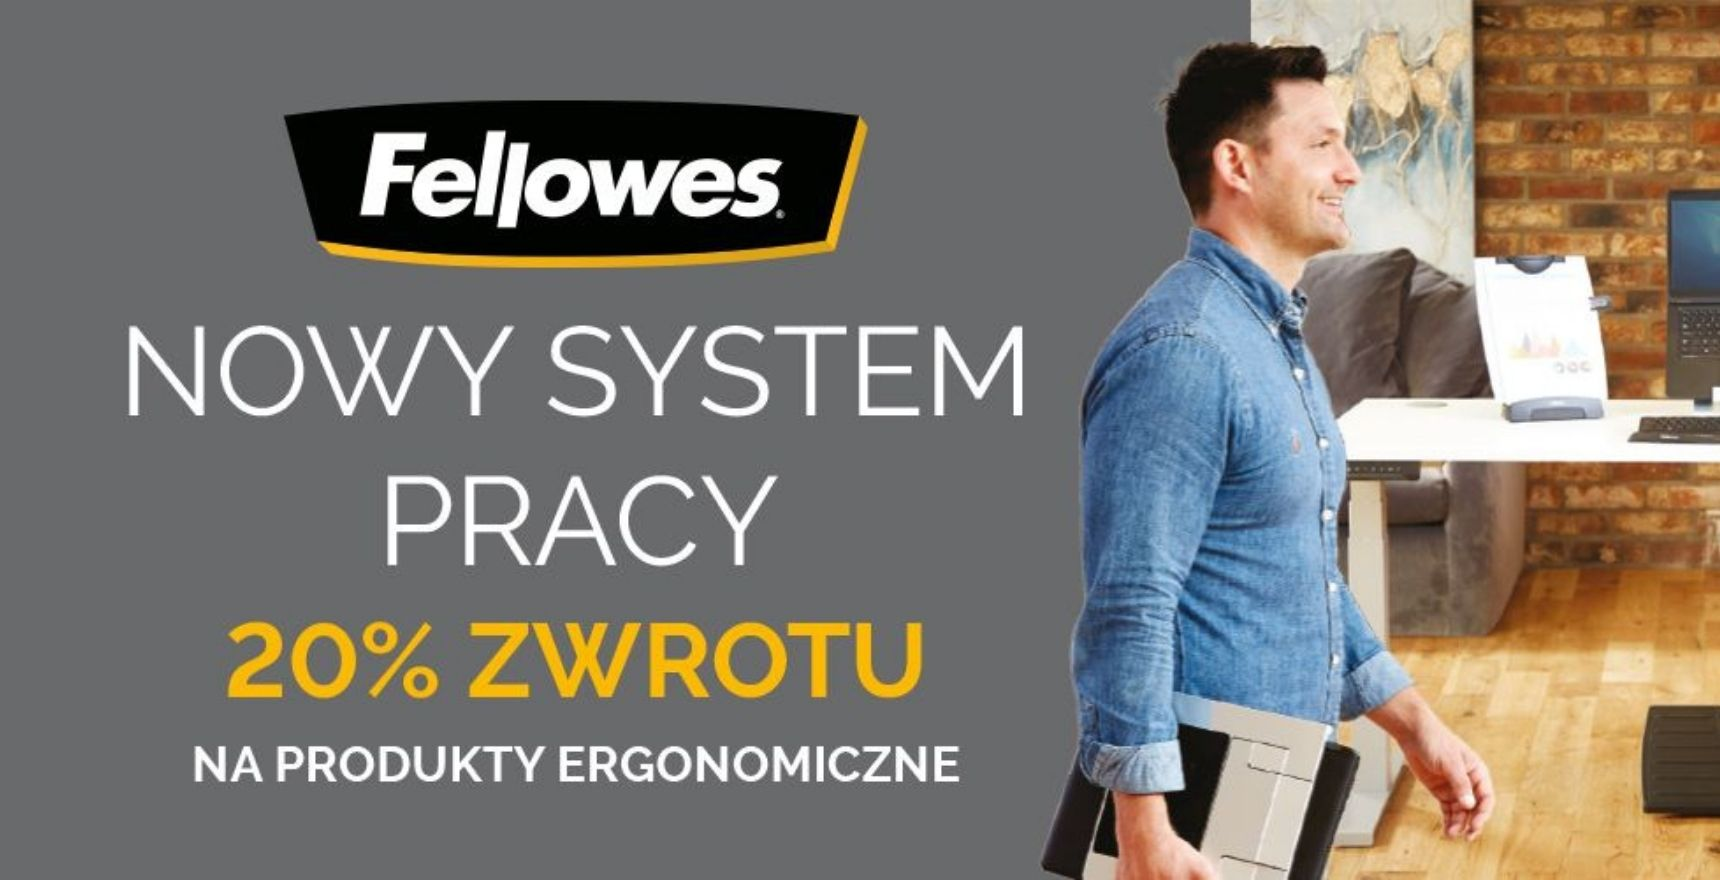 egonomiczne produkty fellowes